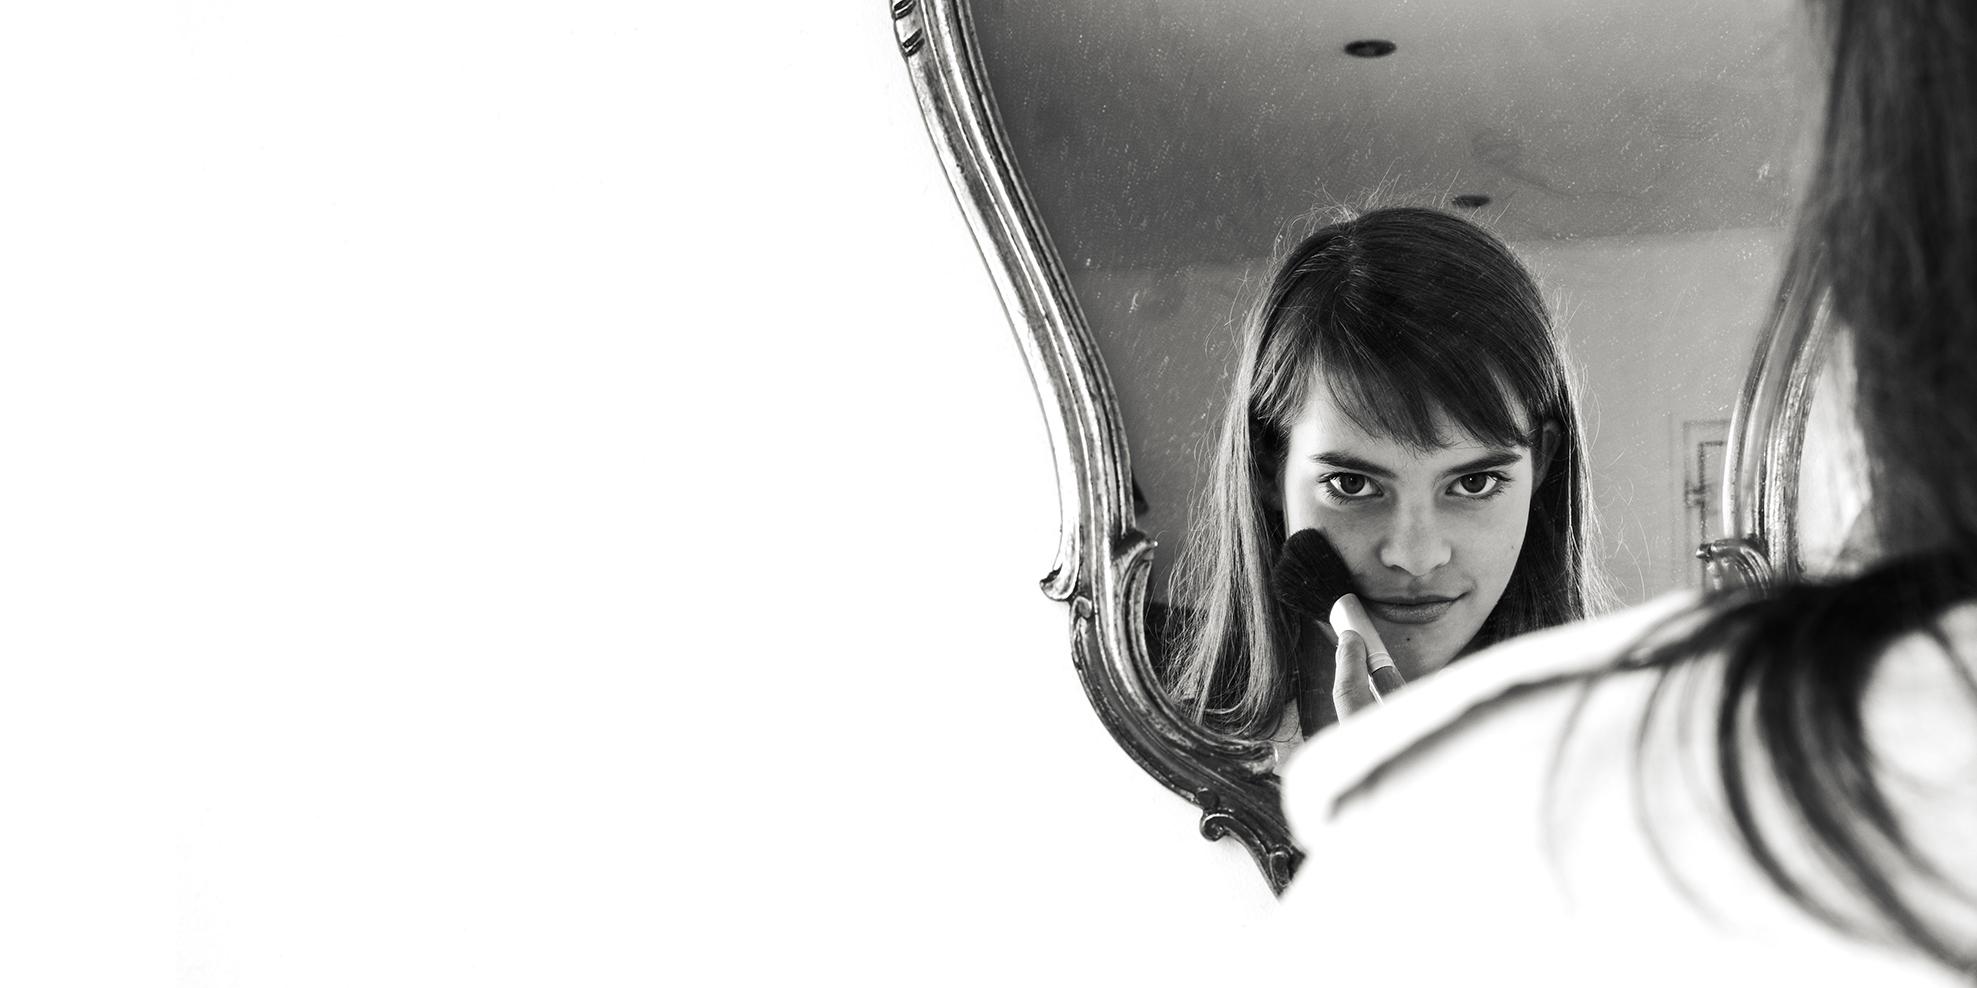 portret spiegel mirror portrait